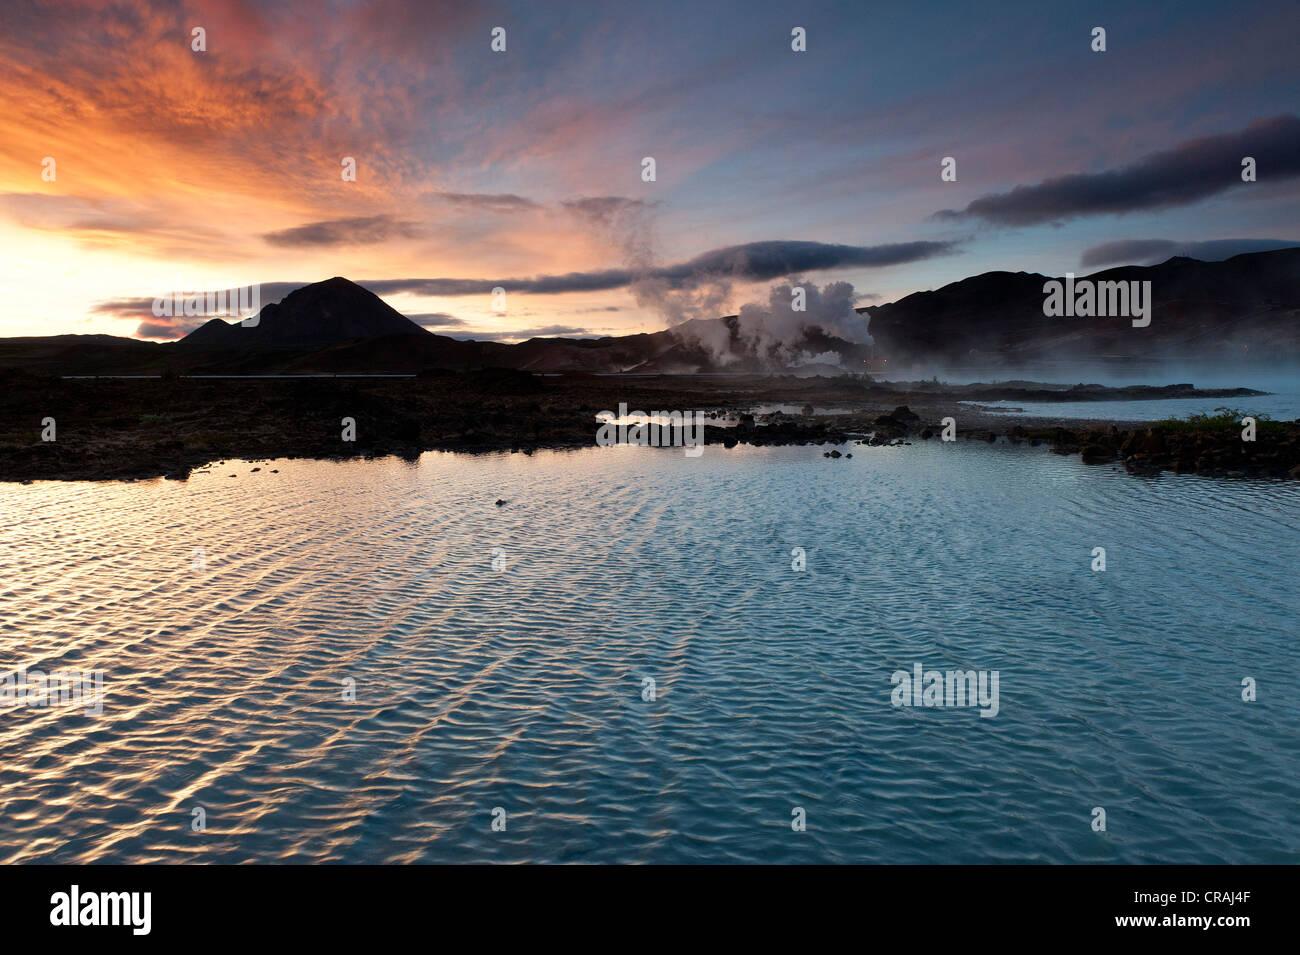 La generación de energía, la energía geotérmica, cerca del lago Myvatn, en el norte de Islandia, Imagen De Stock